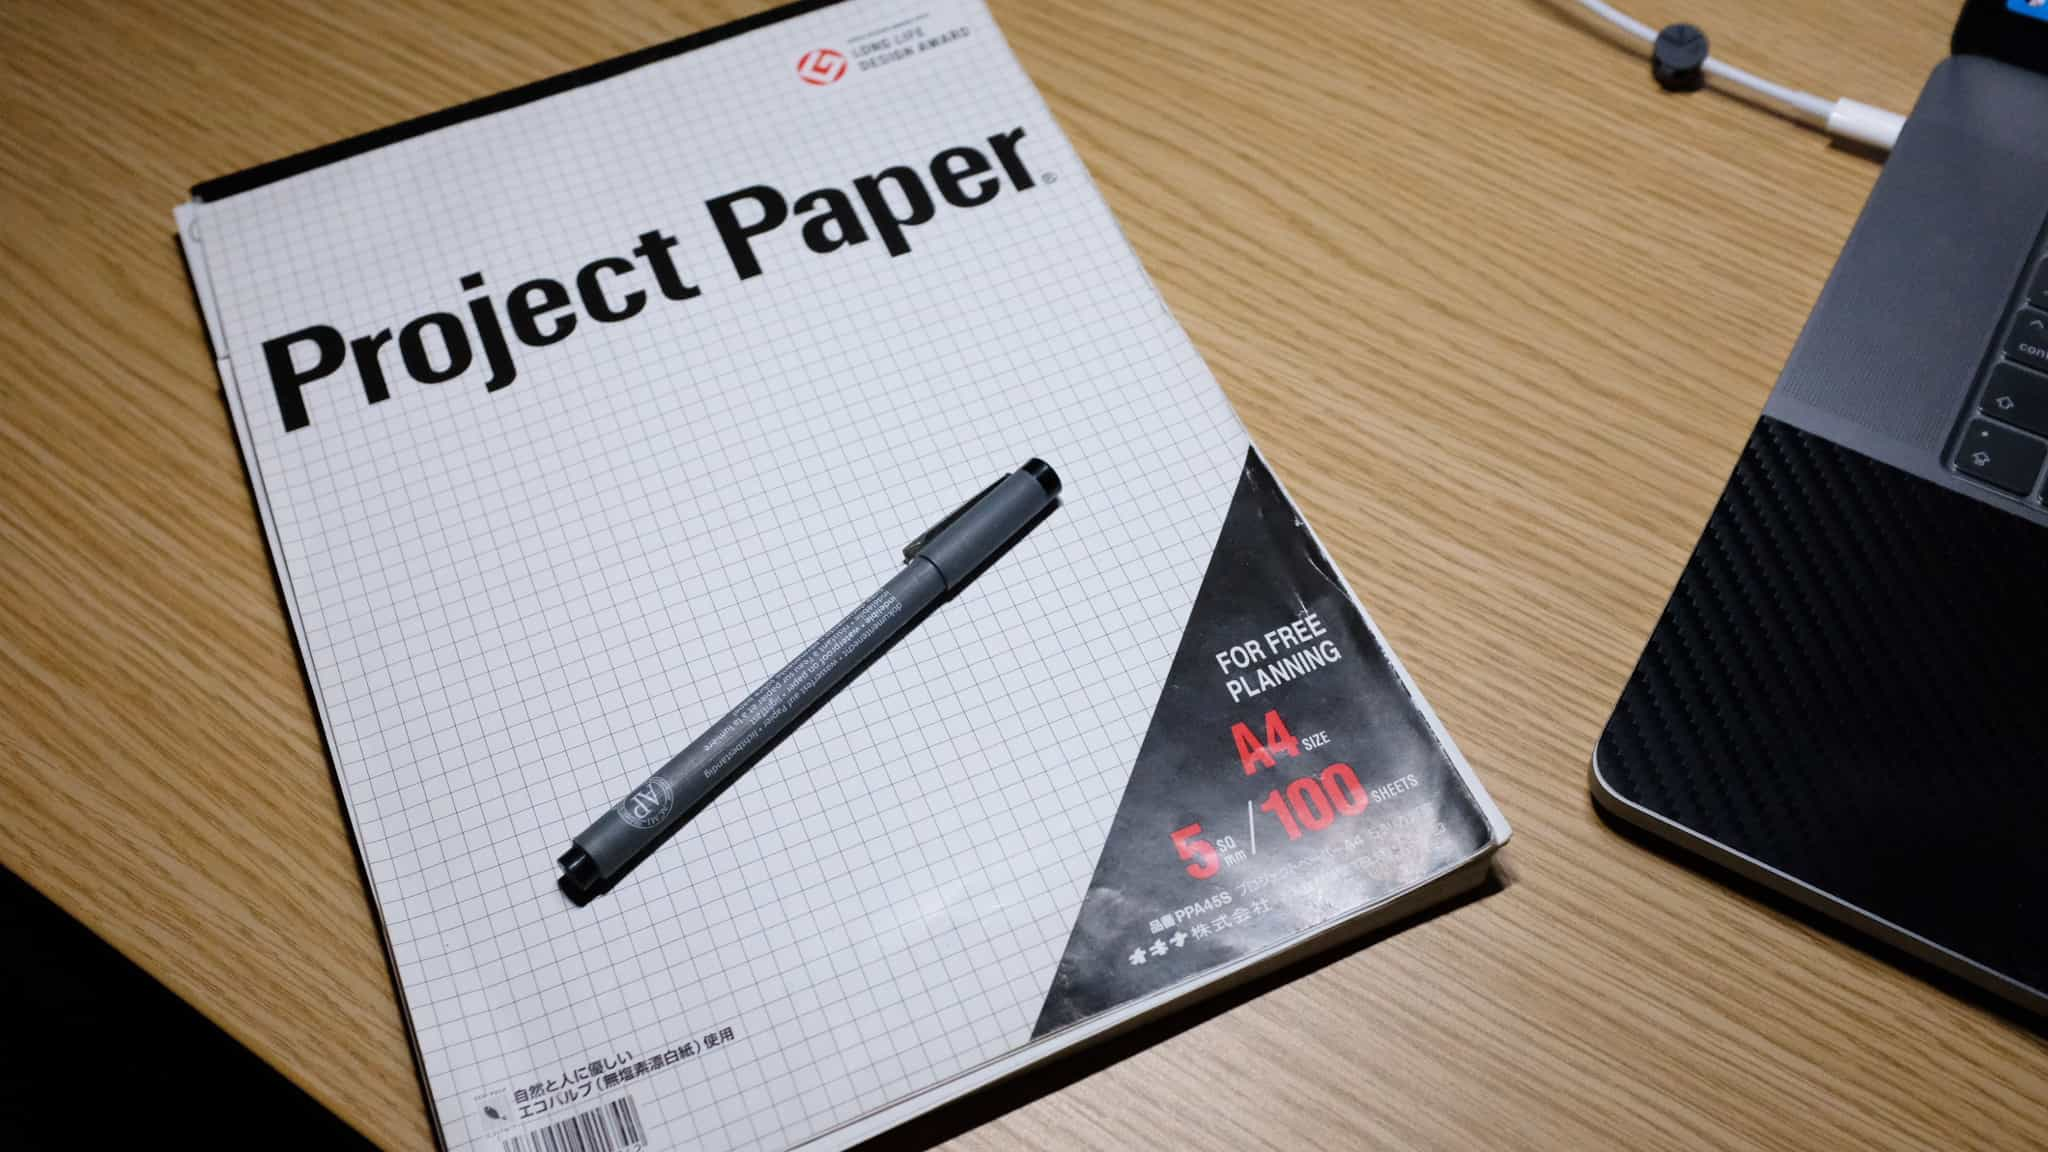 アイディアの書き込みに便利!プロジェクトペーパーがいい感じに使いやすい